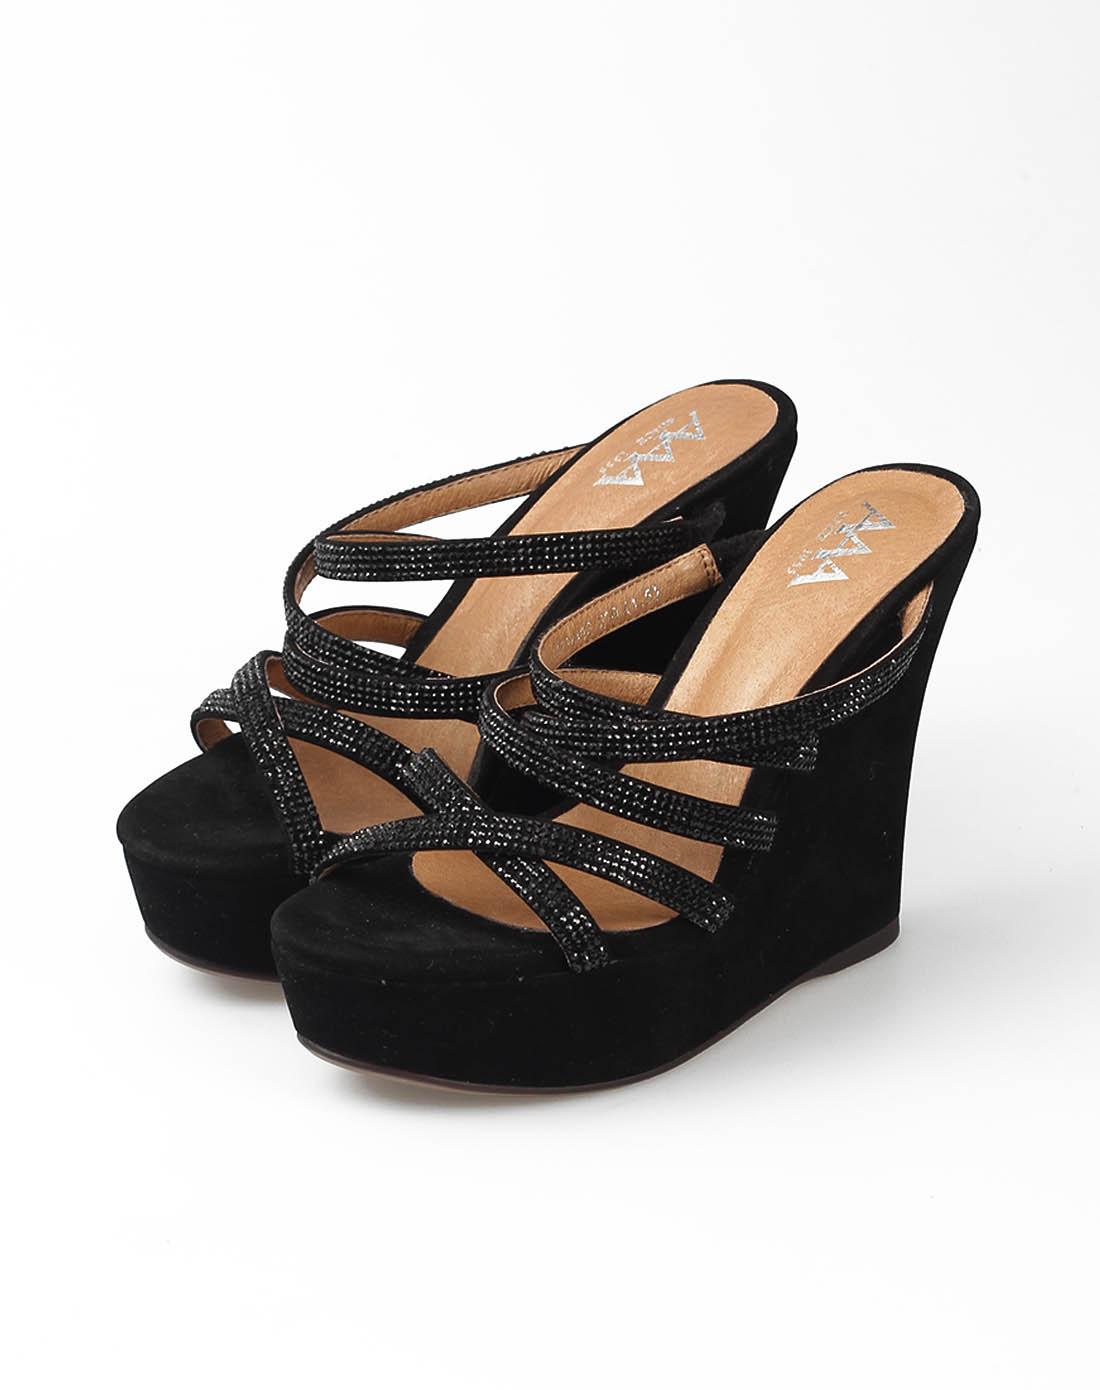 黑色烫钻坡跟凉拖鞋